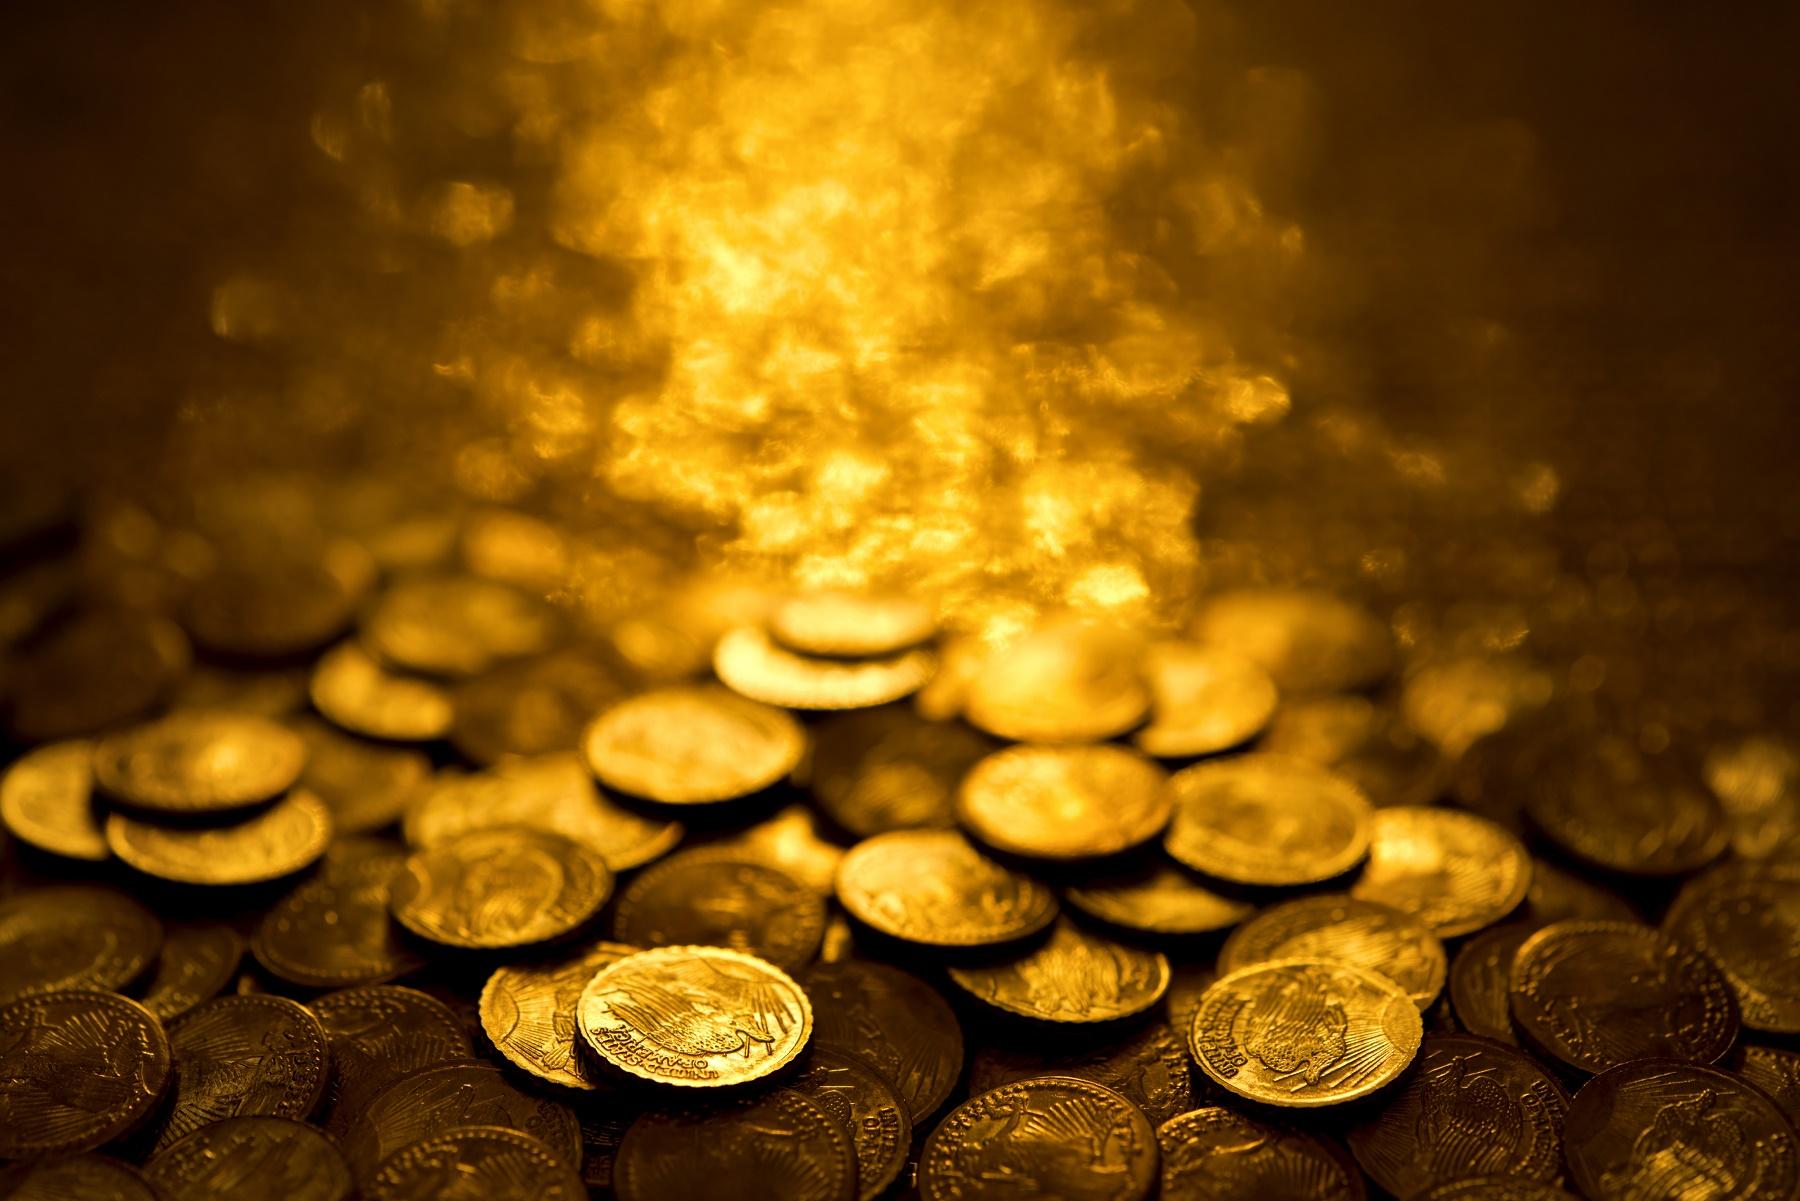 Market undeterred by costlier gold on Akshaya Tritiya